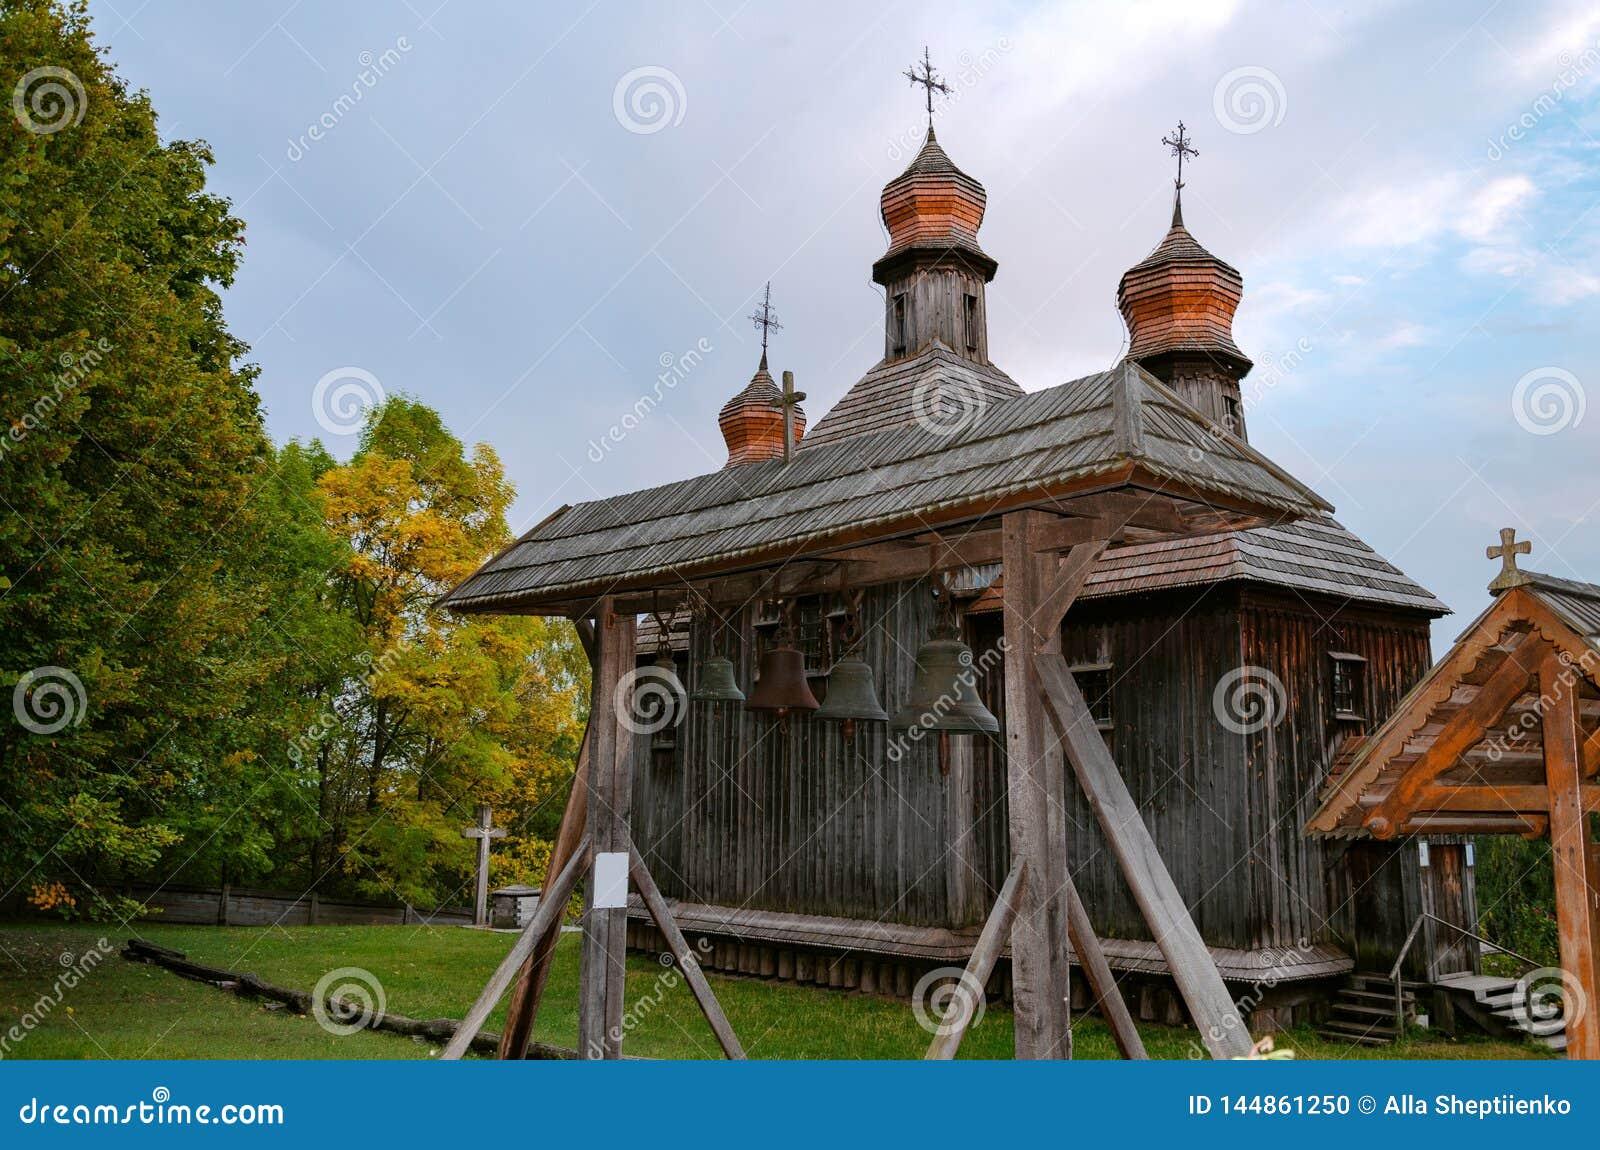 Tappningklockor på bakgrunden av en träkristen kyrka